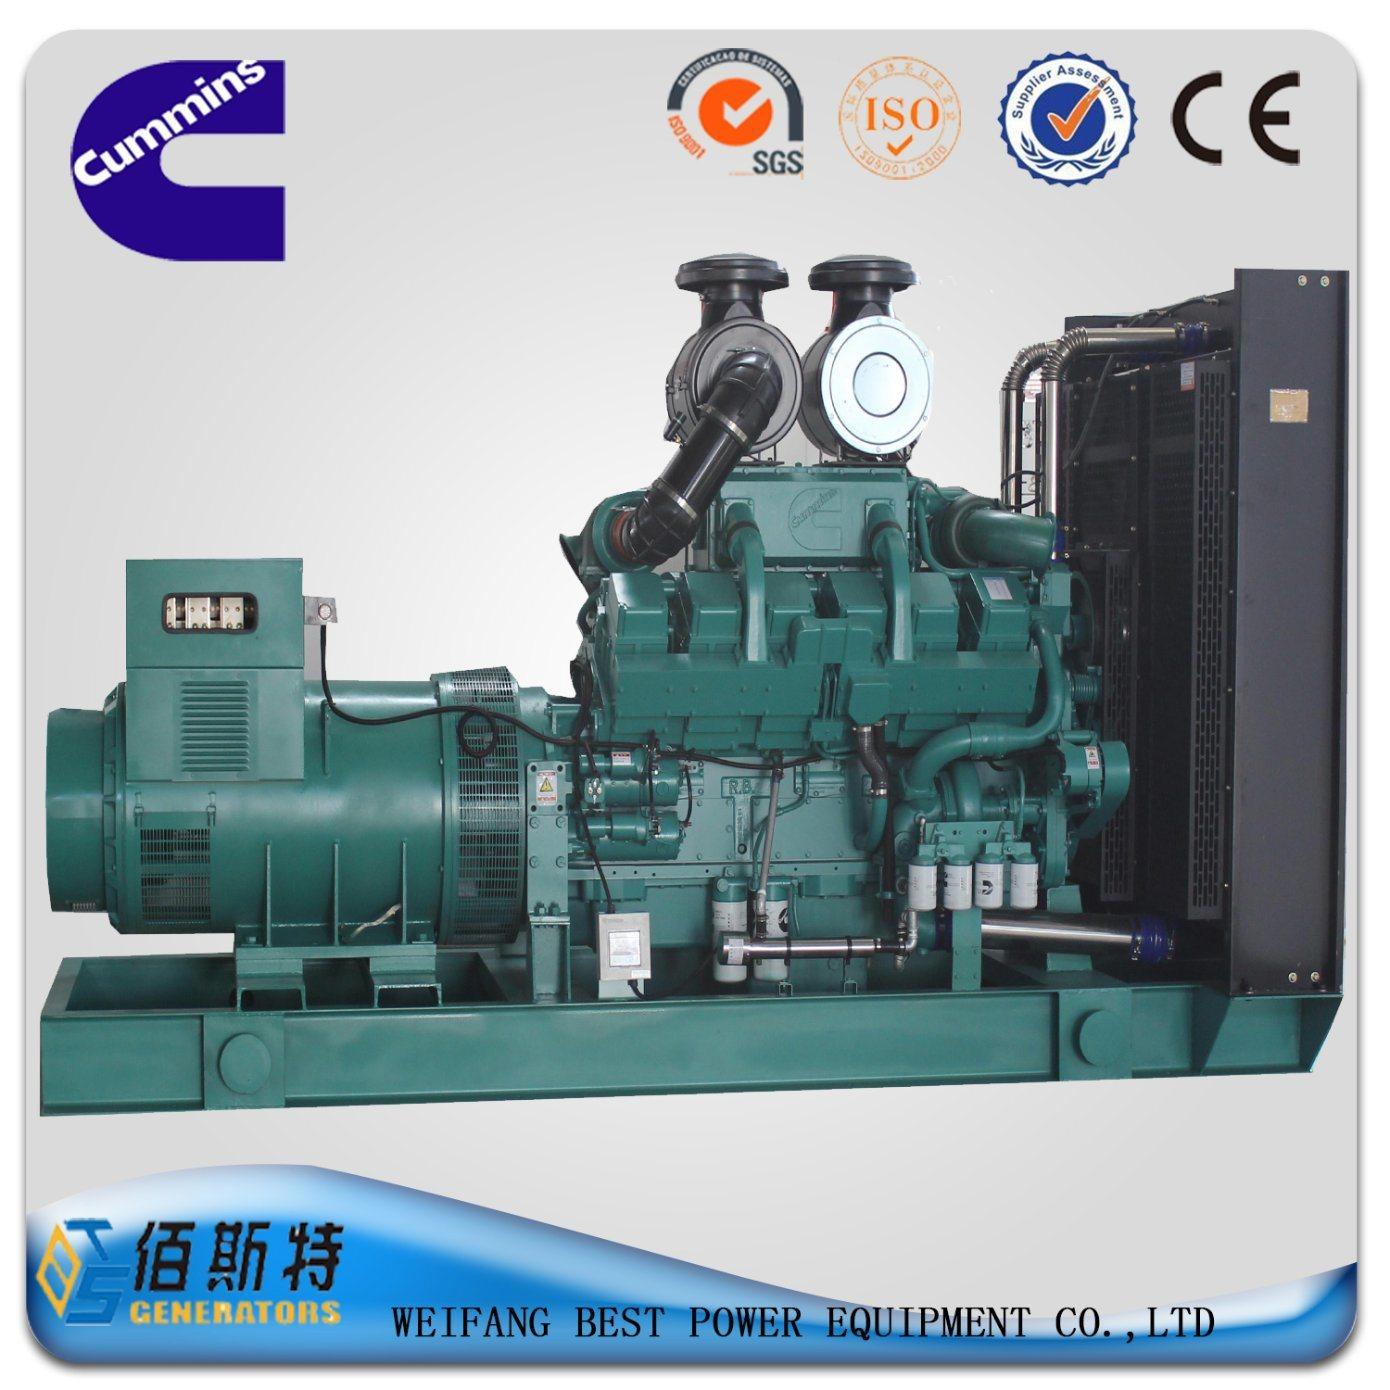 China High Quality Kinds of Diesel Generator Diesel Genset Diesel